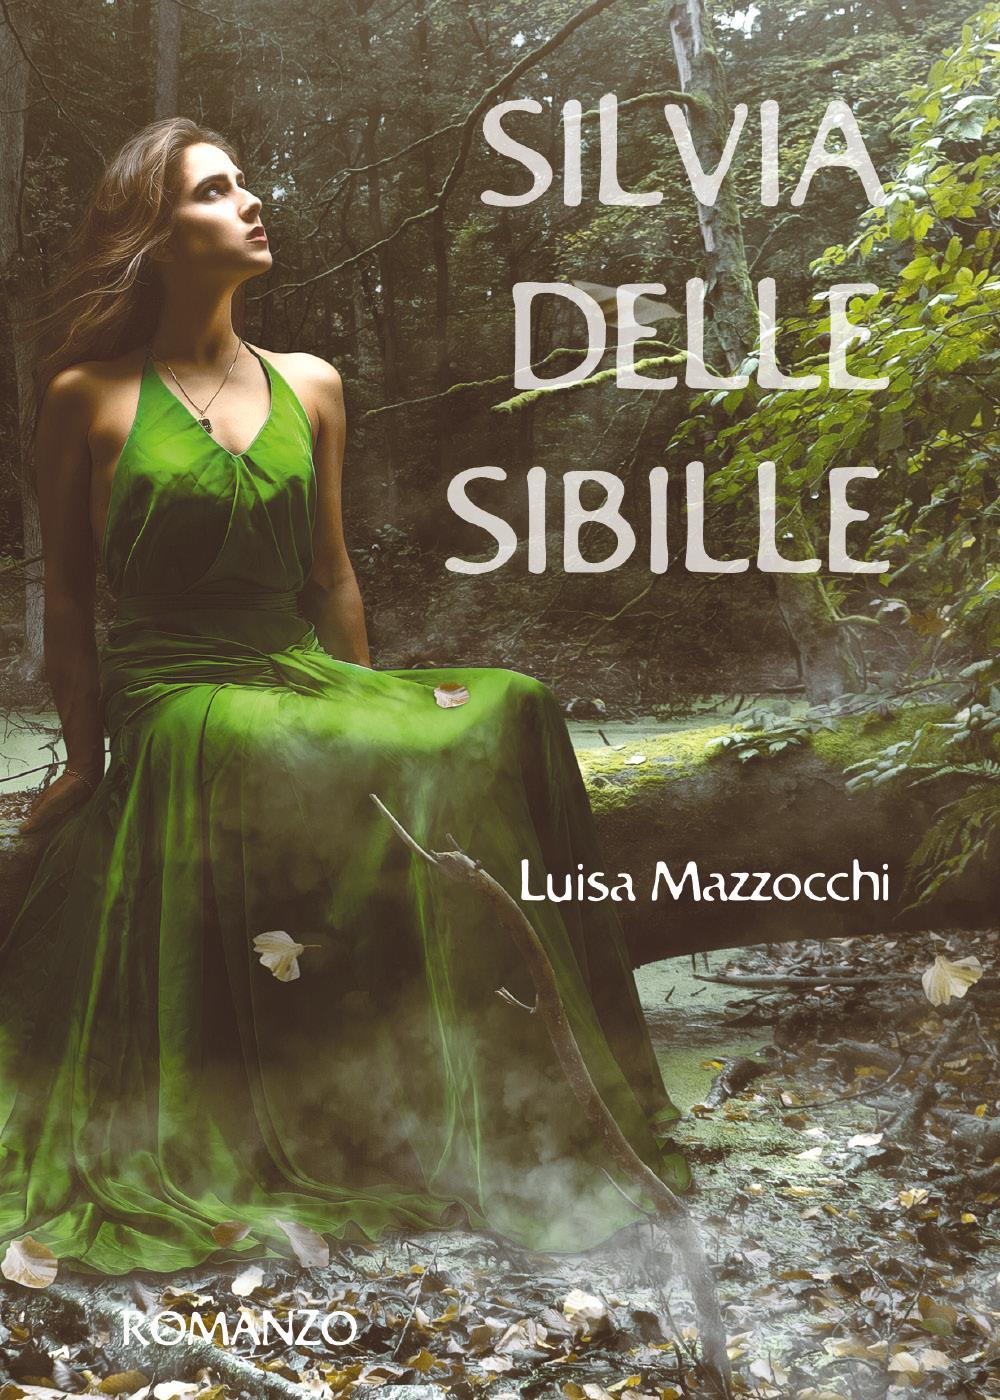 Silvia delle sibille. La saga delle Sibille vol. 2